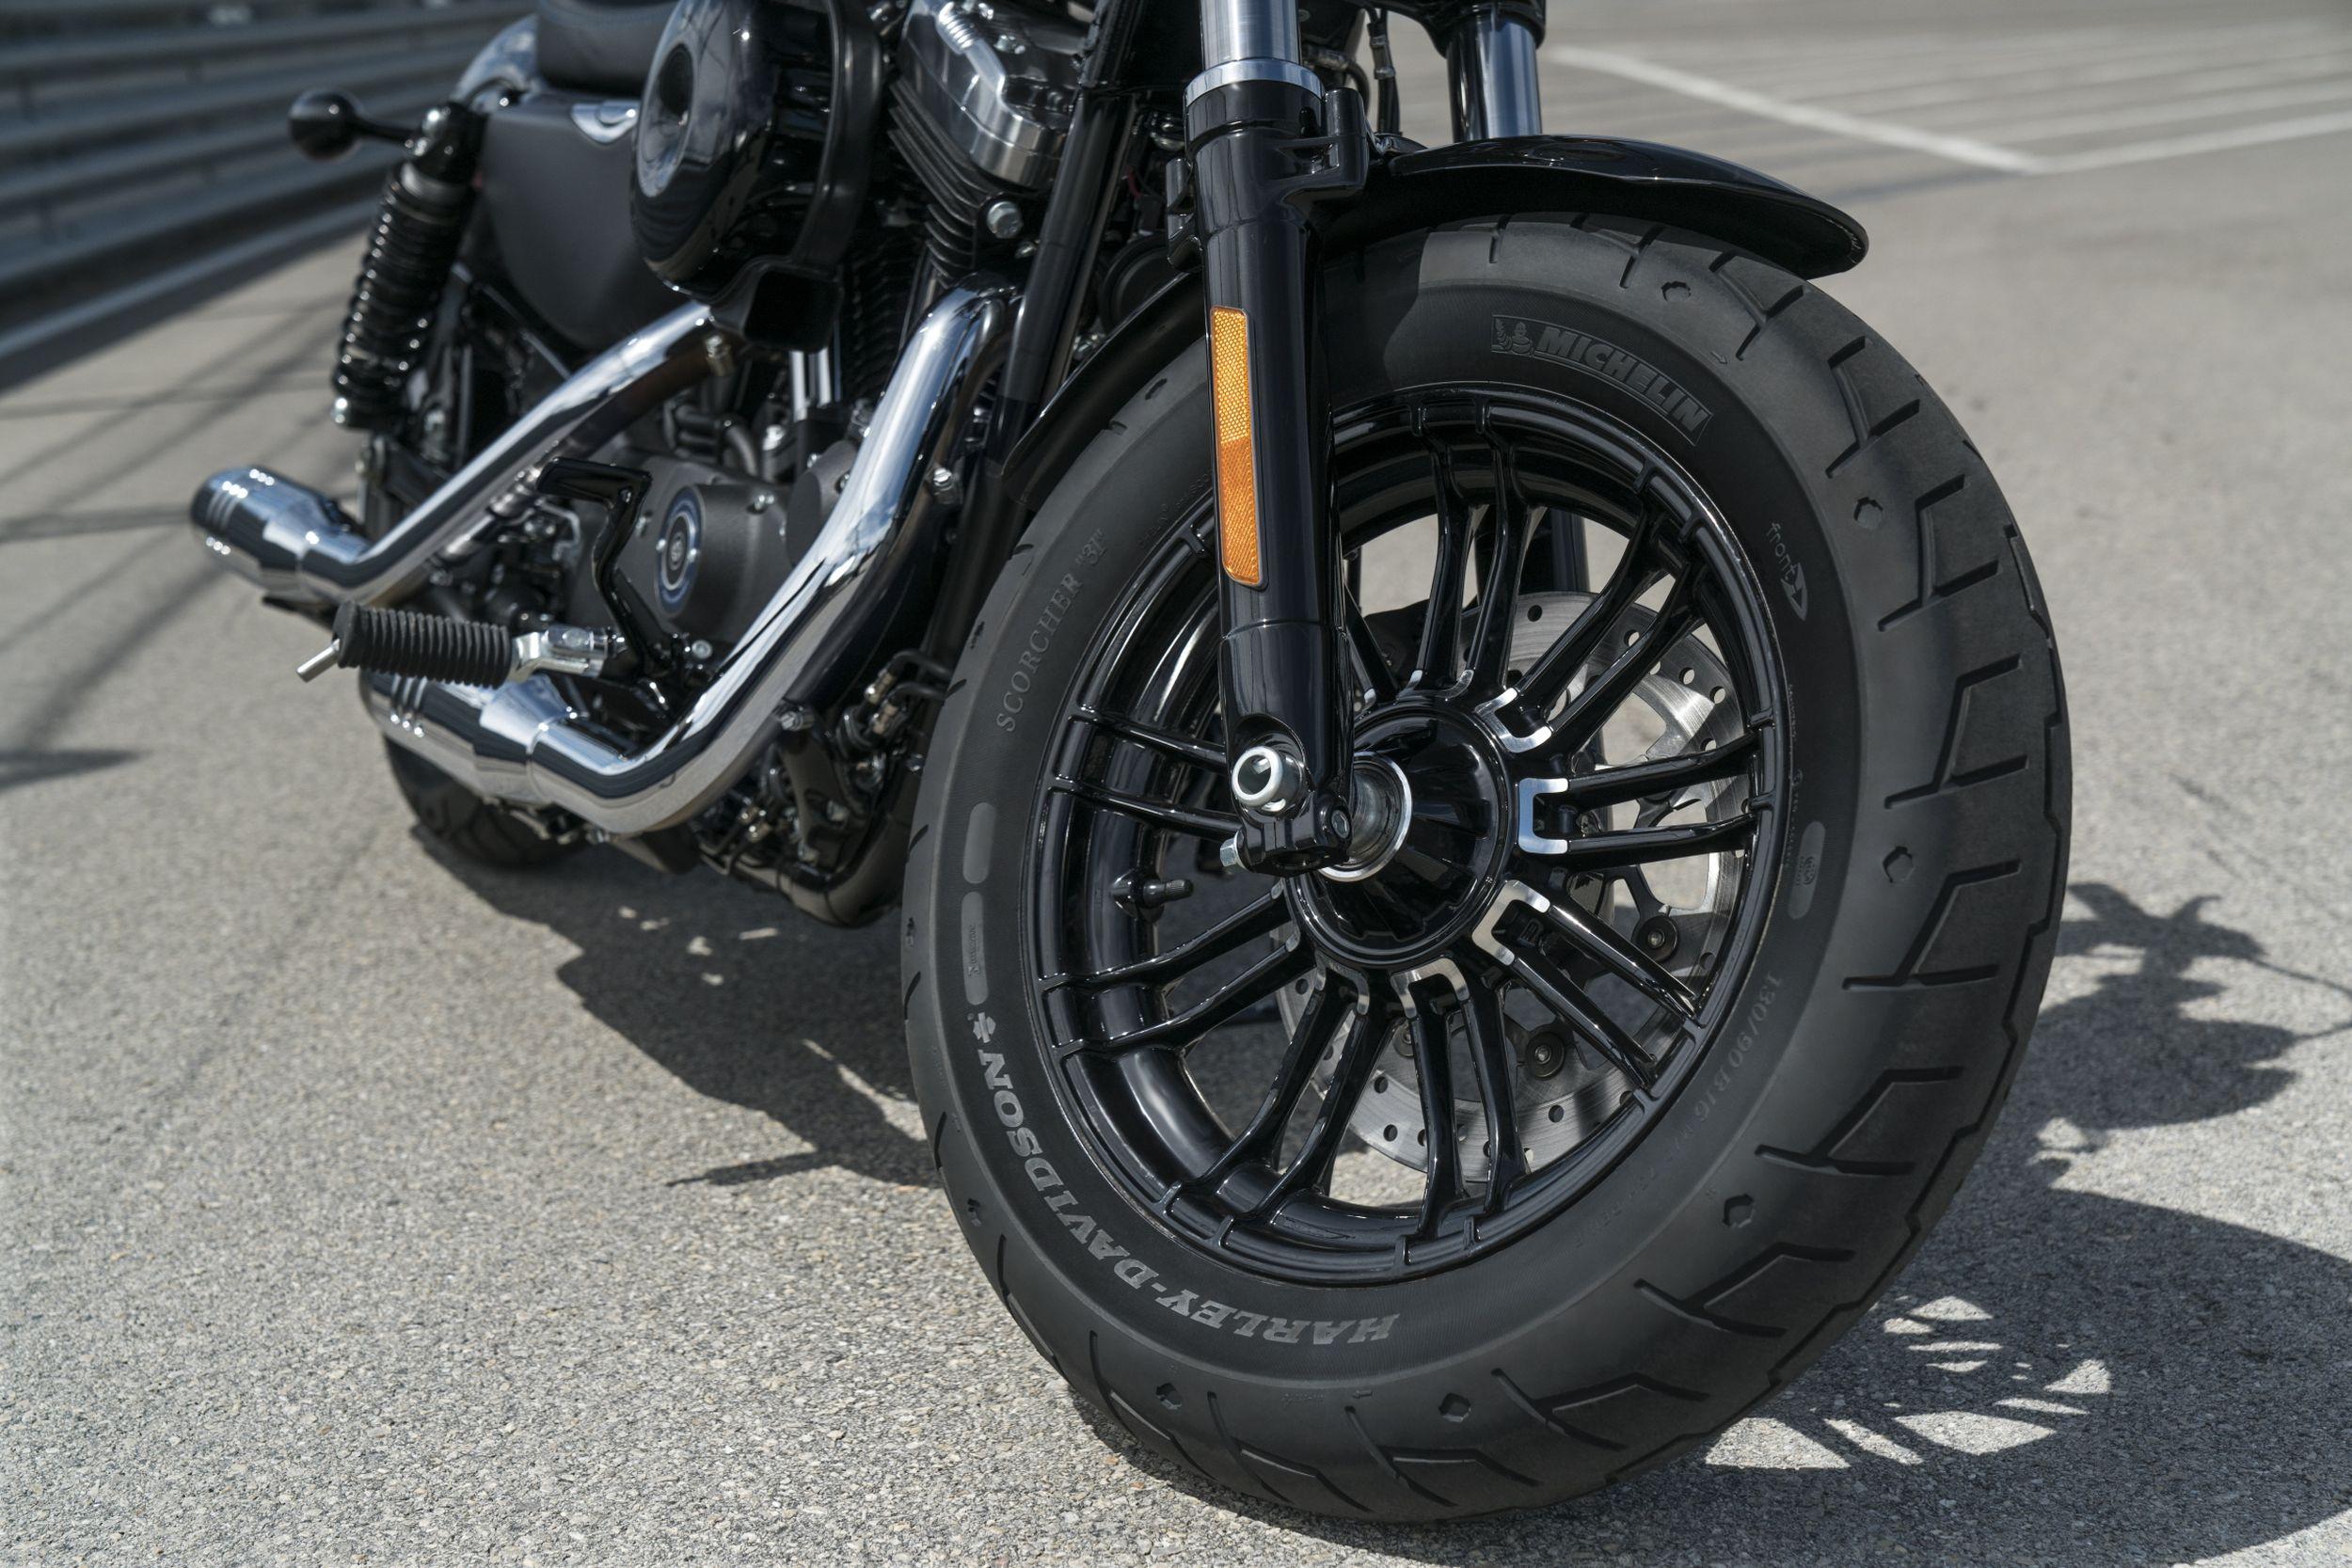 gebrauchte harley davidson sportster xl 1200 x forty eight motorr der kaufen. Black Bedroom Furniture Sets. Home Design Ideas